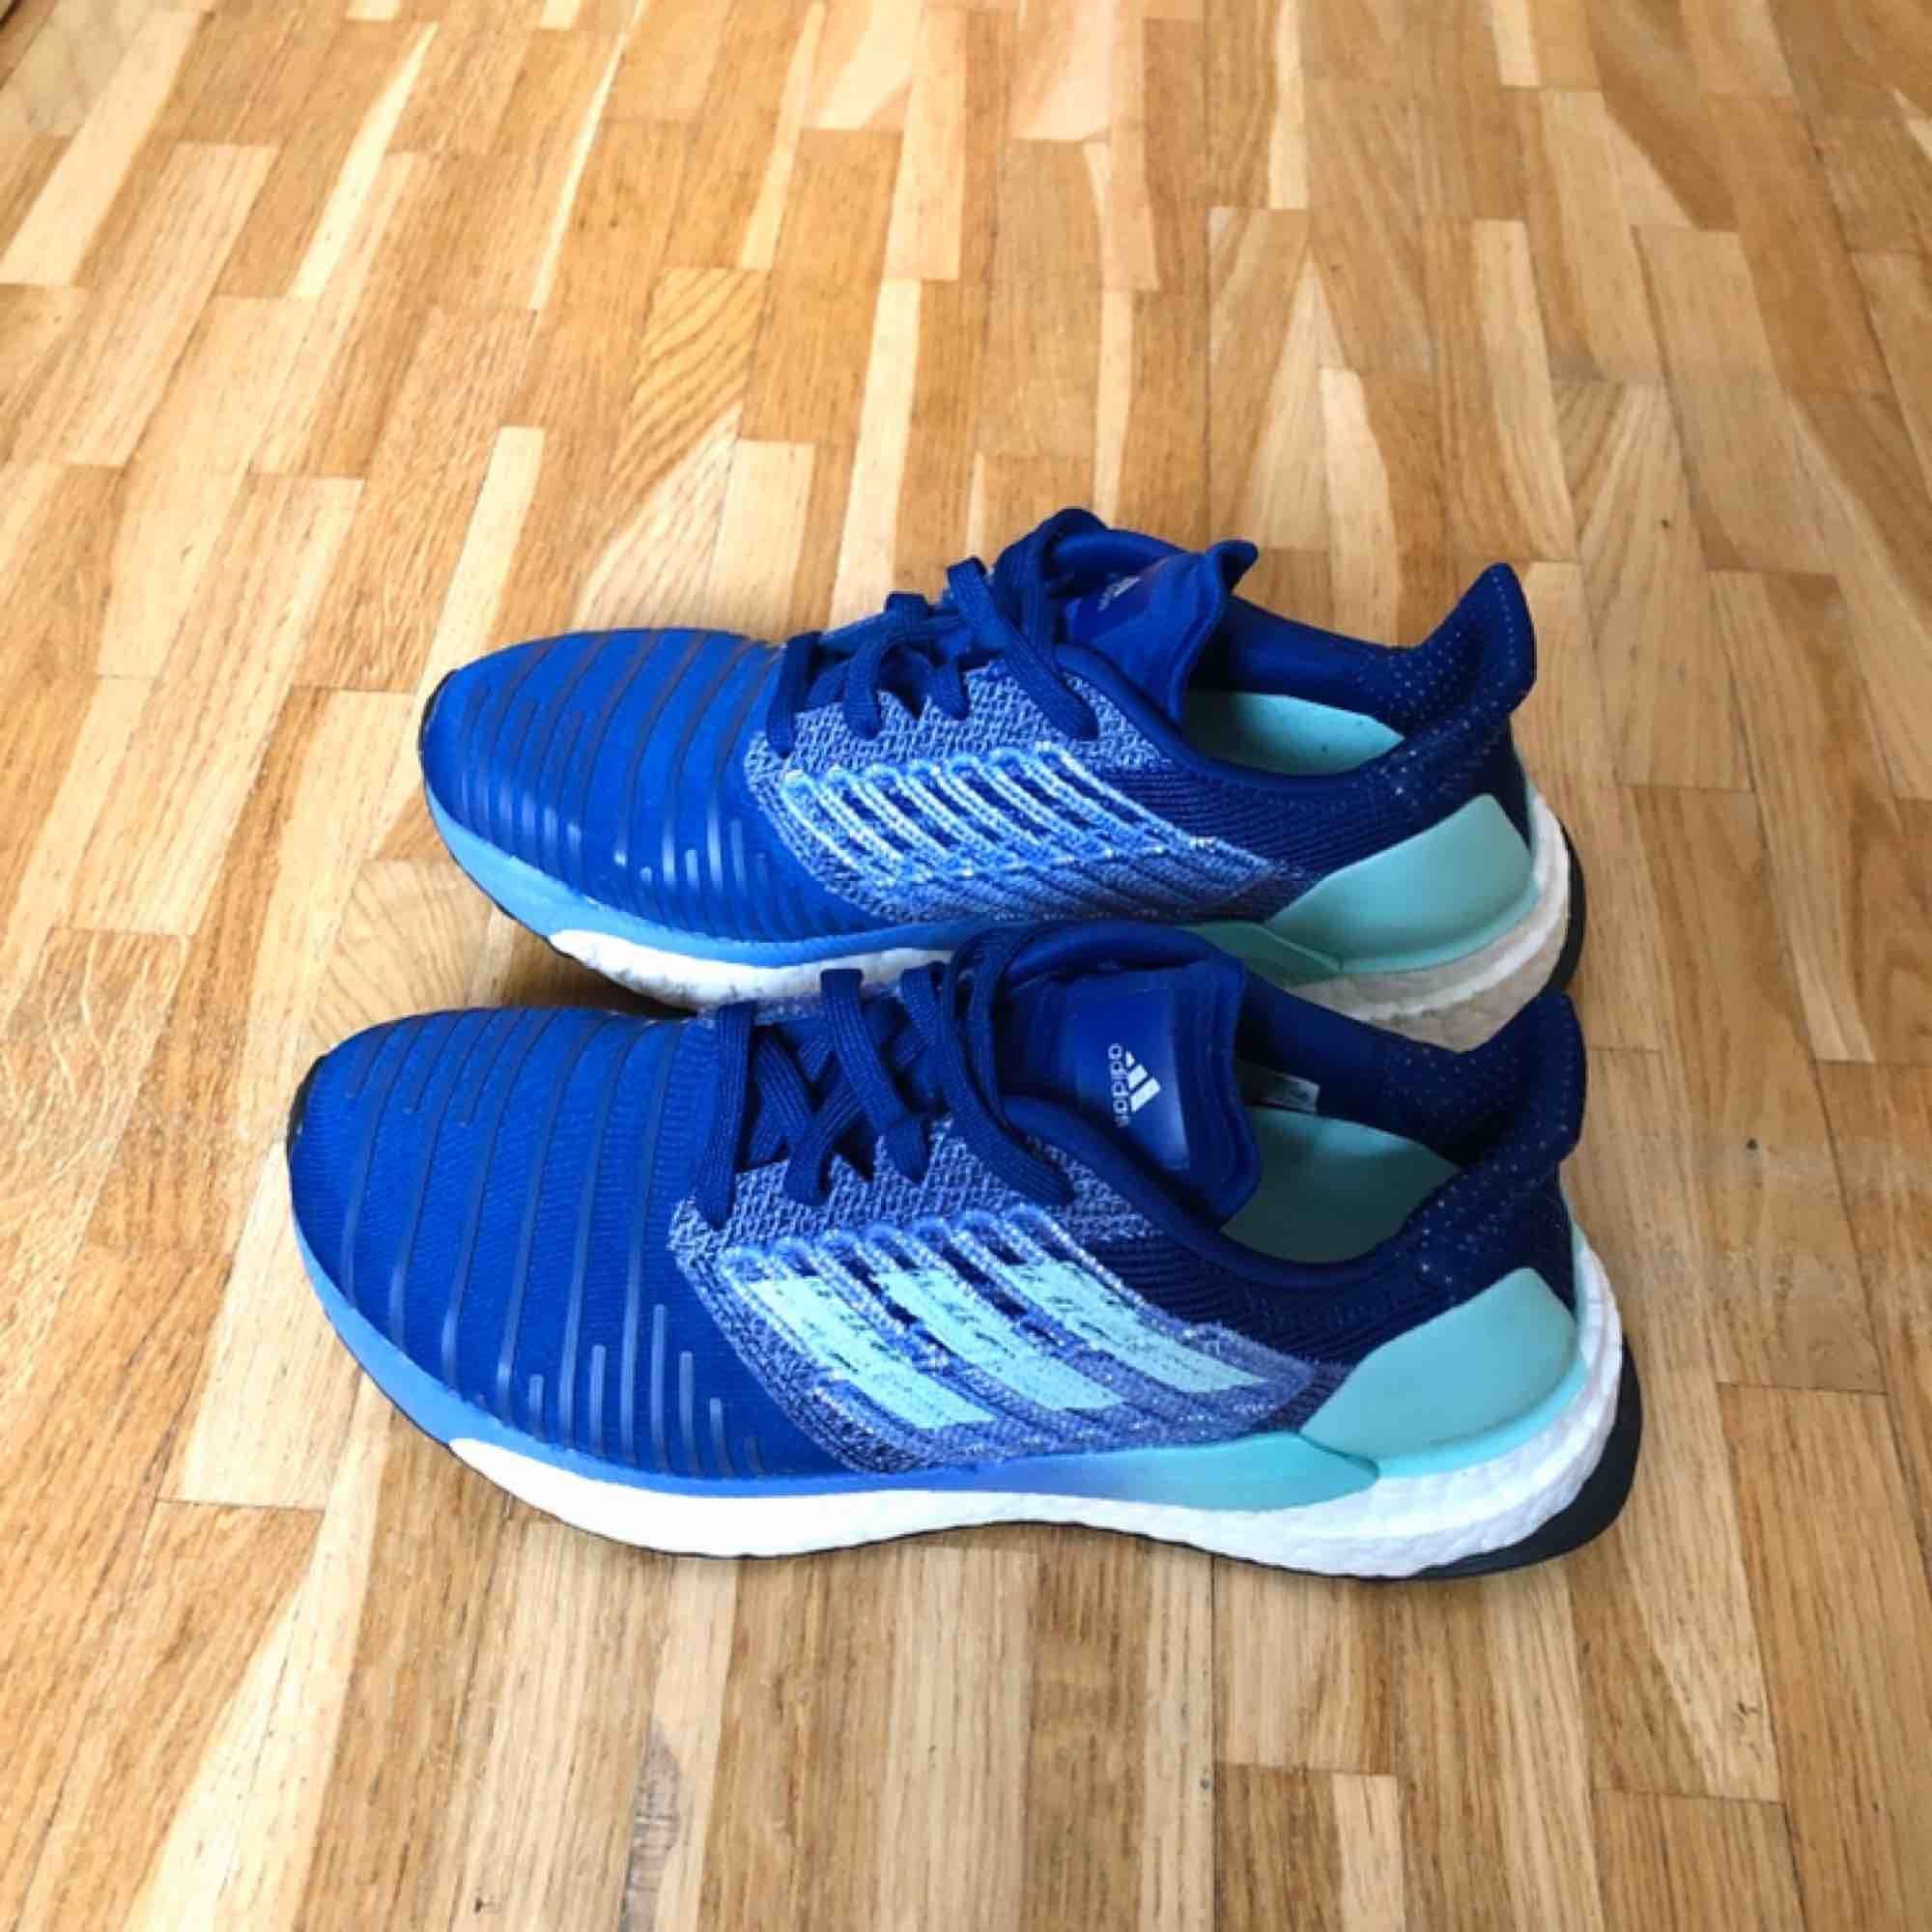 Adidas Solarboost, grymma och otroligt bekväma löparskor. Boost sulan är den bäst dämpande sulan på marknaden. Bred i modellen vilket gör att skon passar alla typer av fötter. Undersulan är gjord av continental för bästa grepp.. Skor.